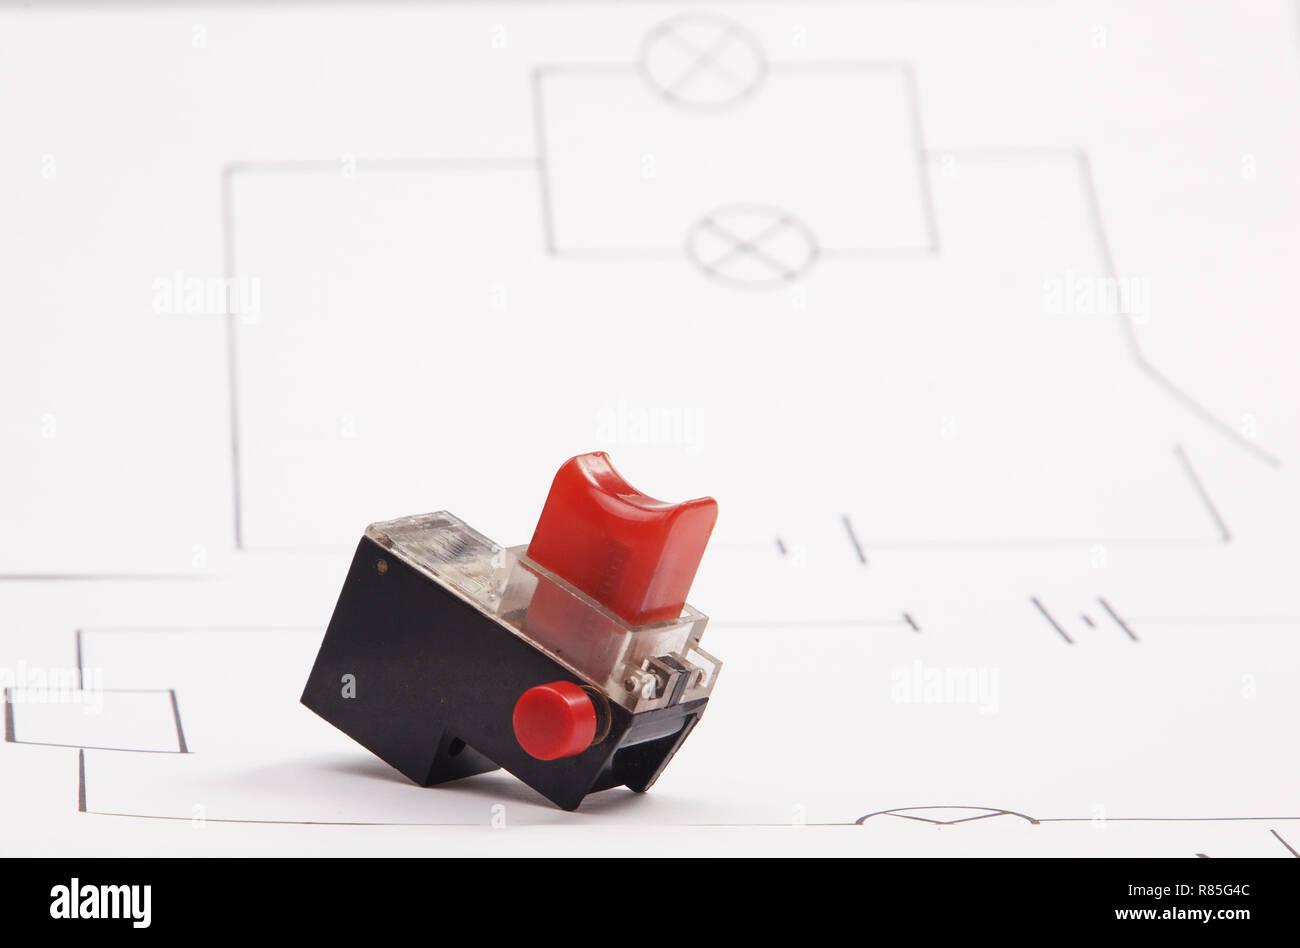 Schema Elettrico Pulsante : Trapanare il pulsante di avviamento su uno sfondo di lo schema